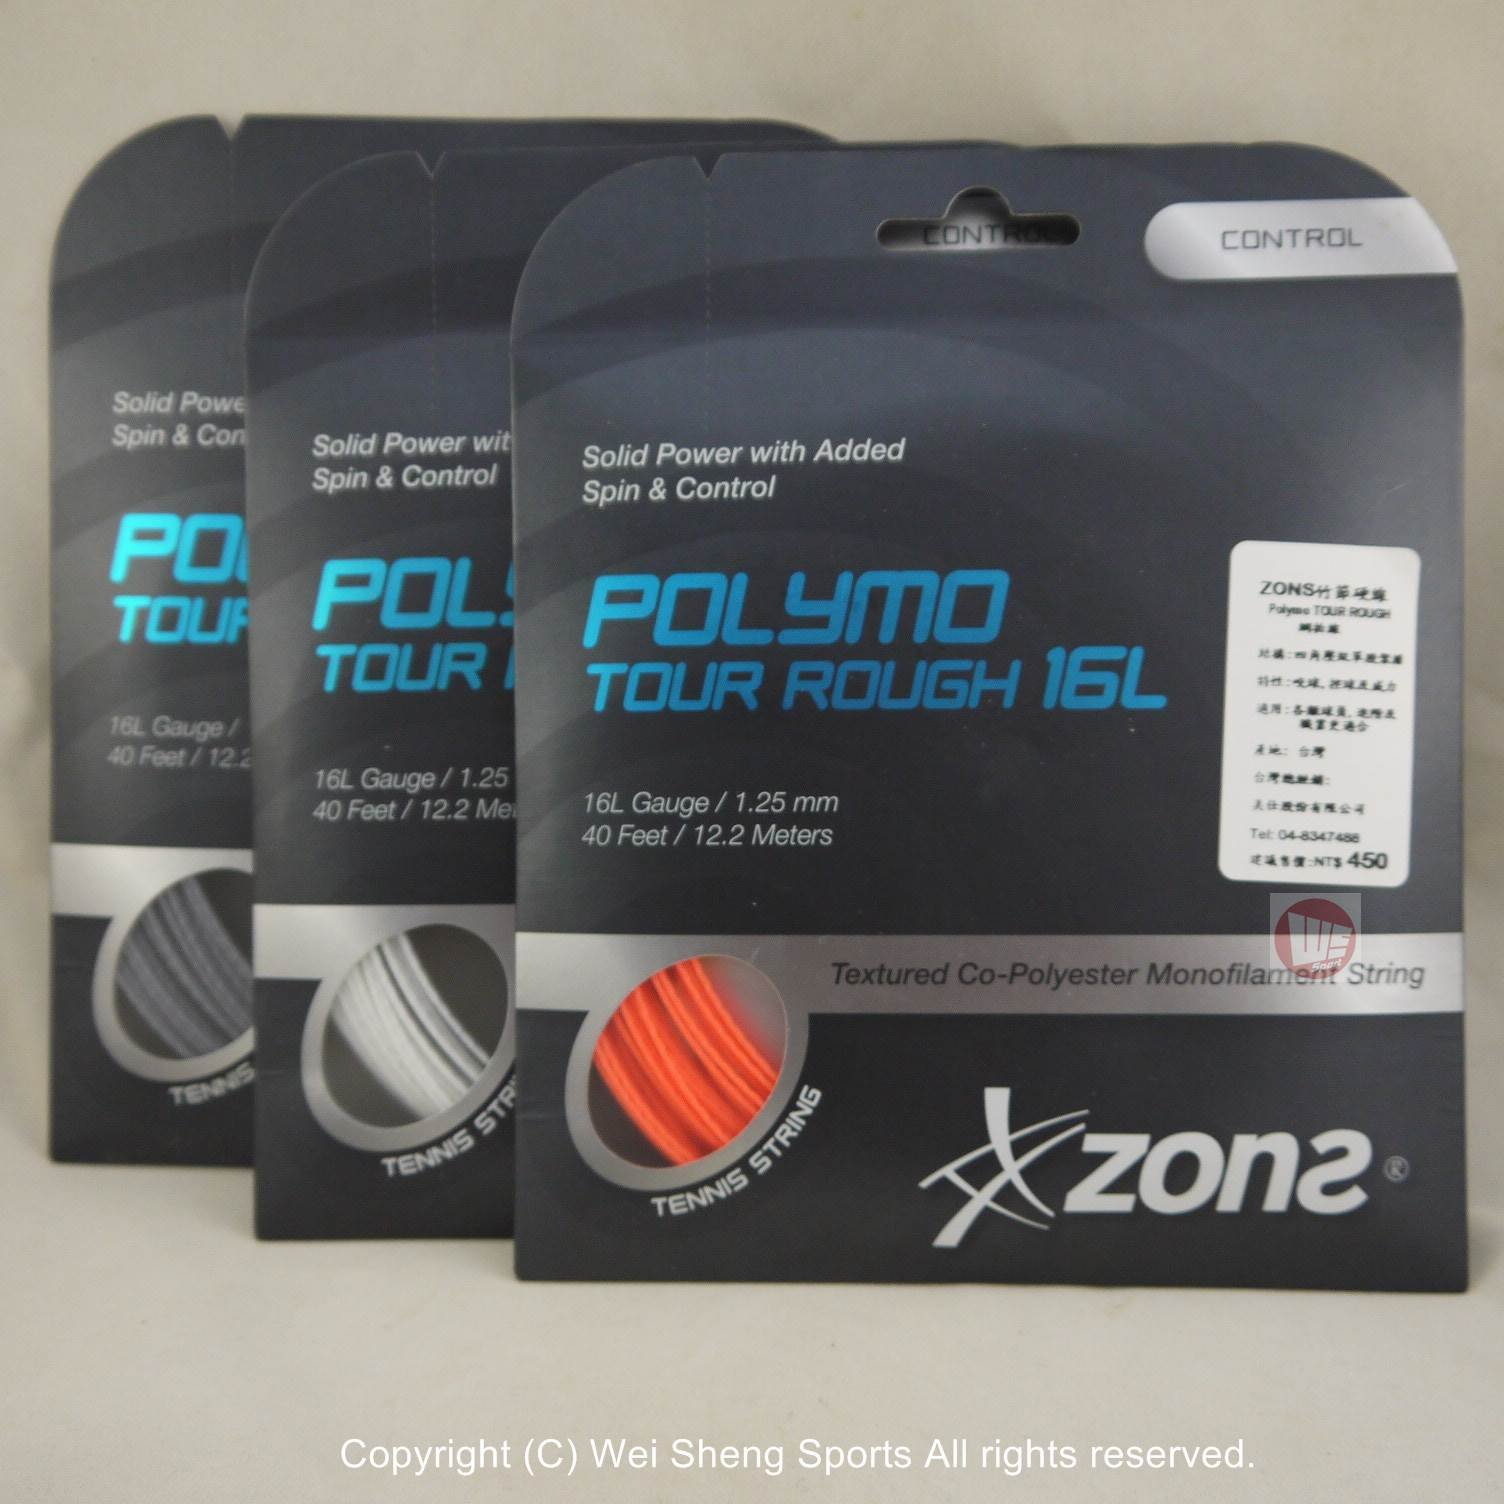 【威盛國際】ZONS 網球線 Polymo Tour Rough 16L 竹節硬線